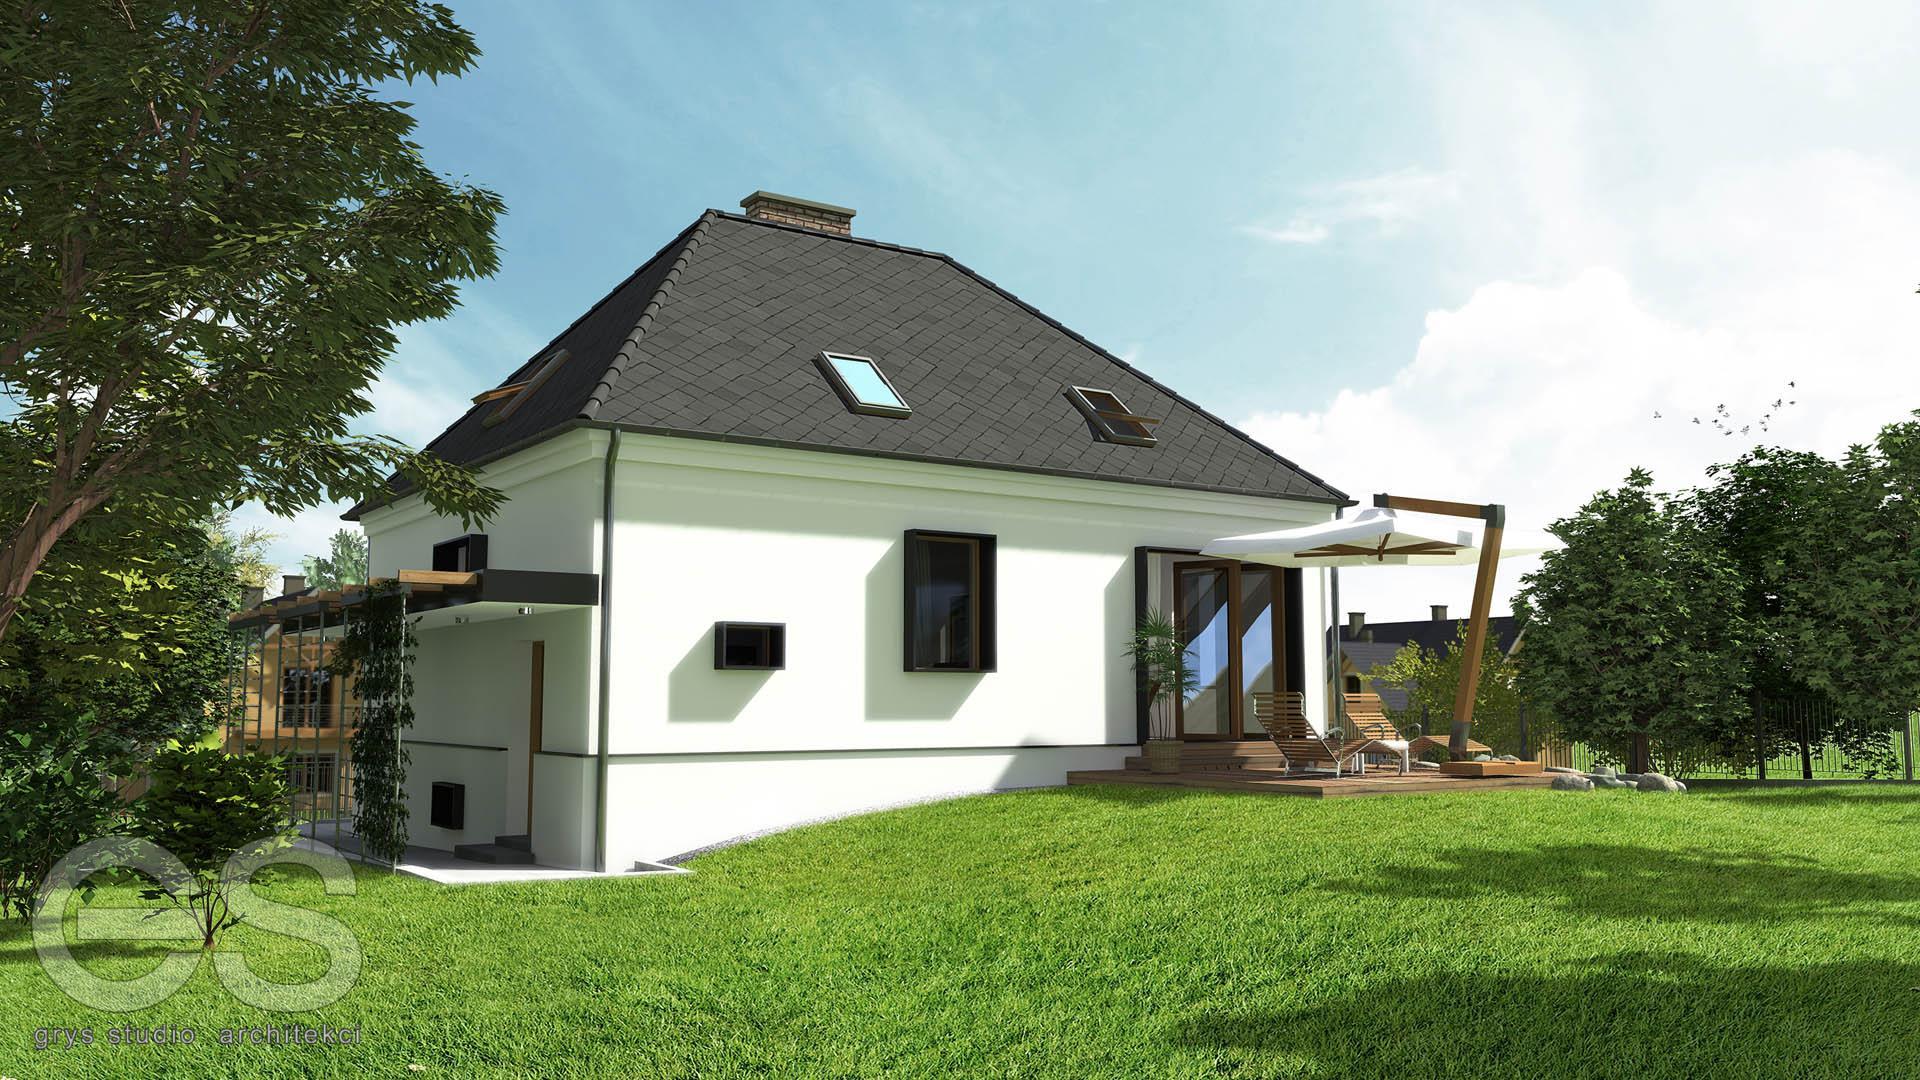 przebudowa remont remodeling domu jednorodzinnego w bielsku białej, projekt budowalny, projekt wykonawczy 3